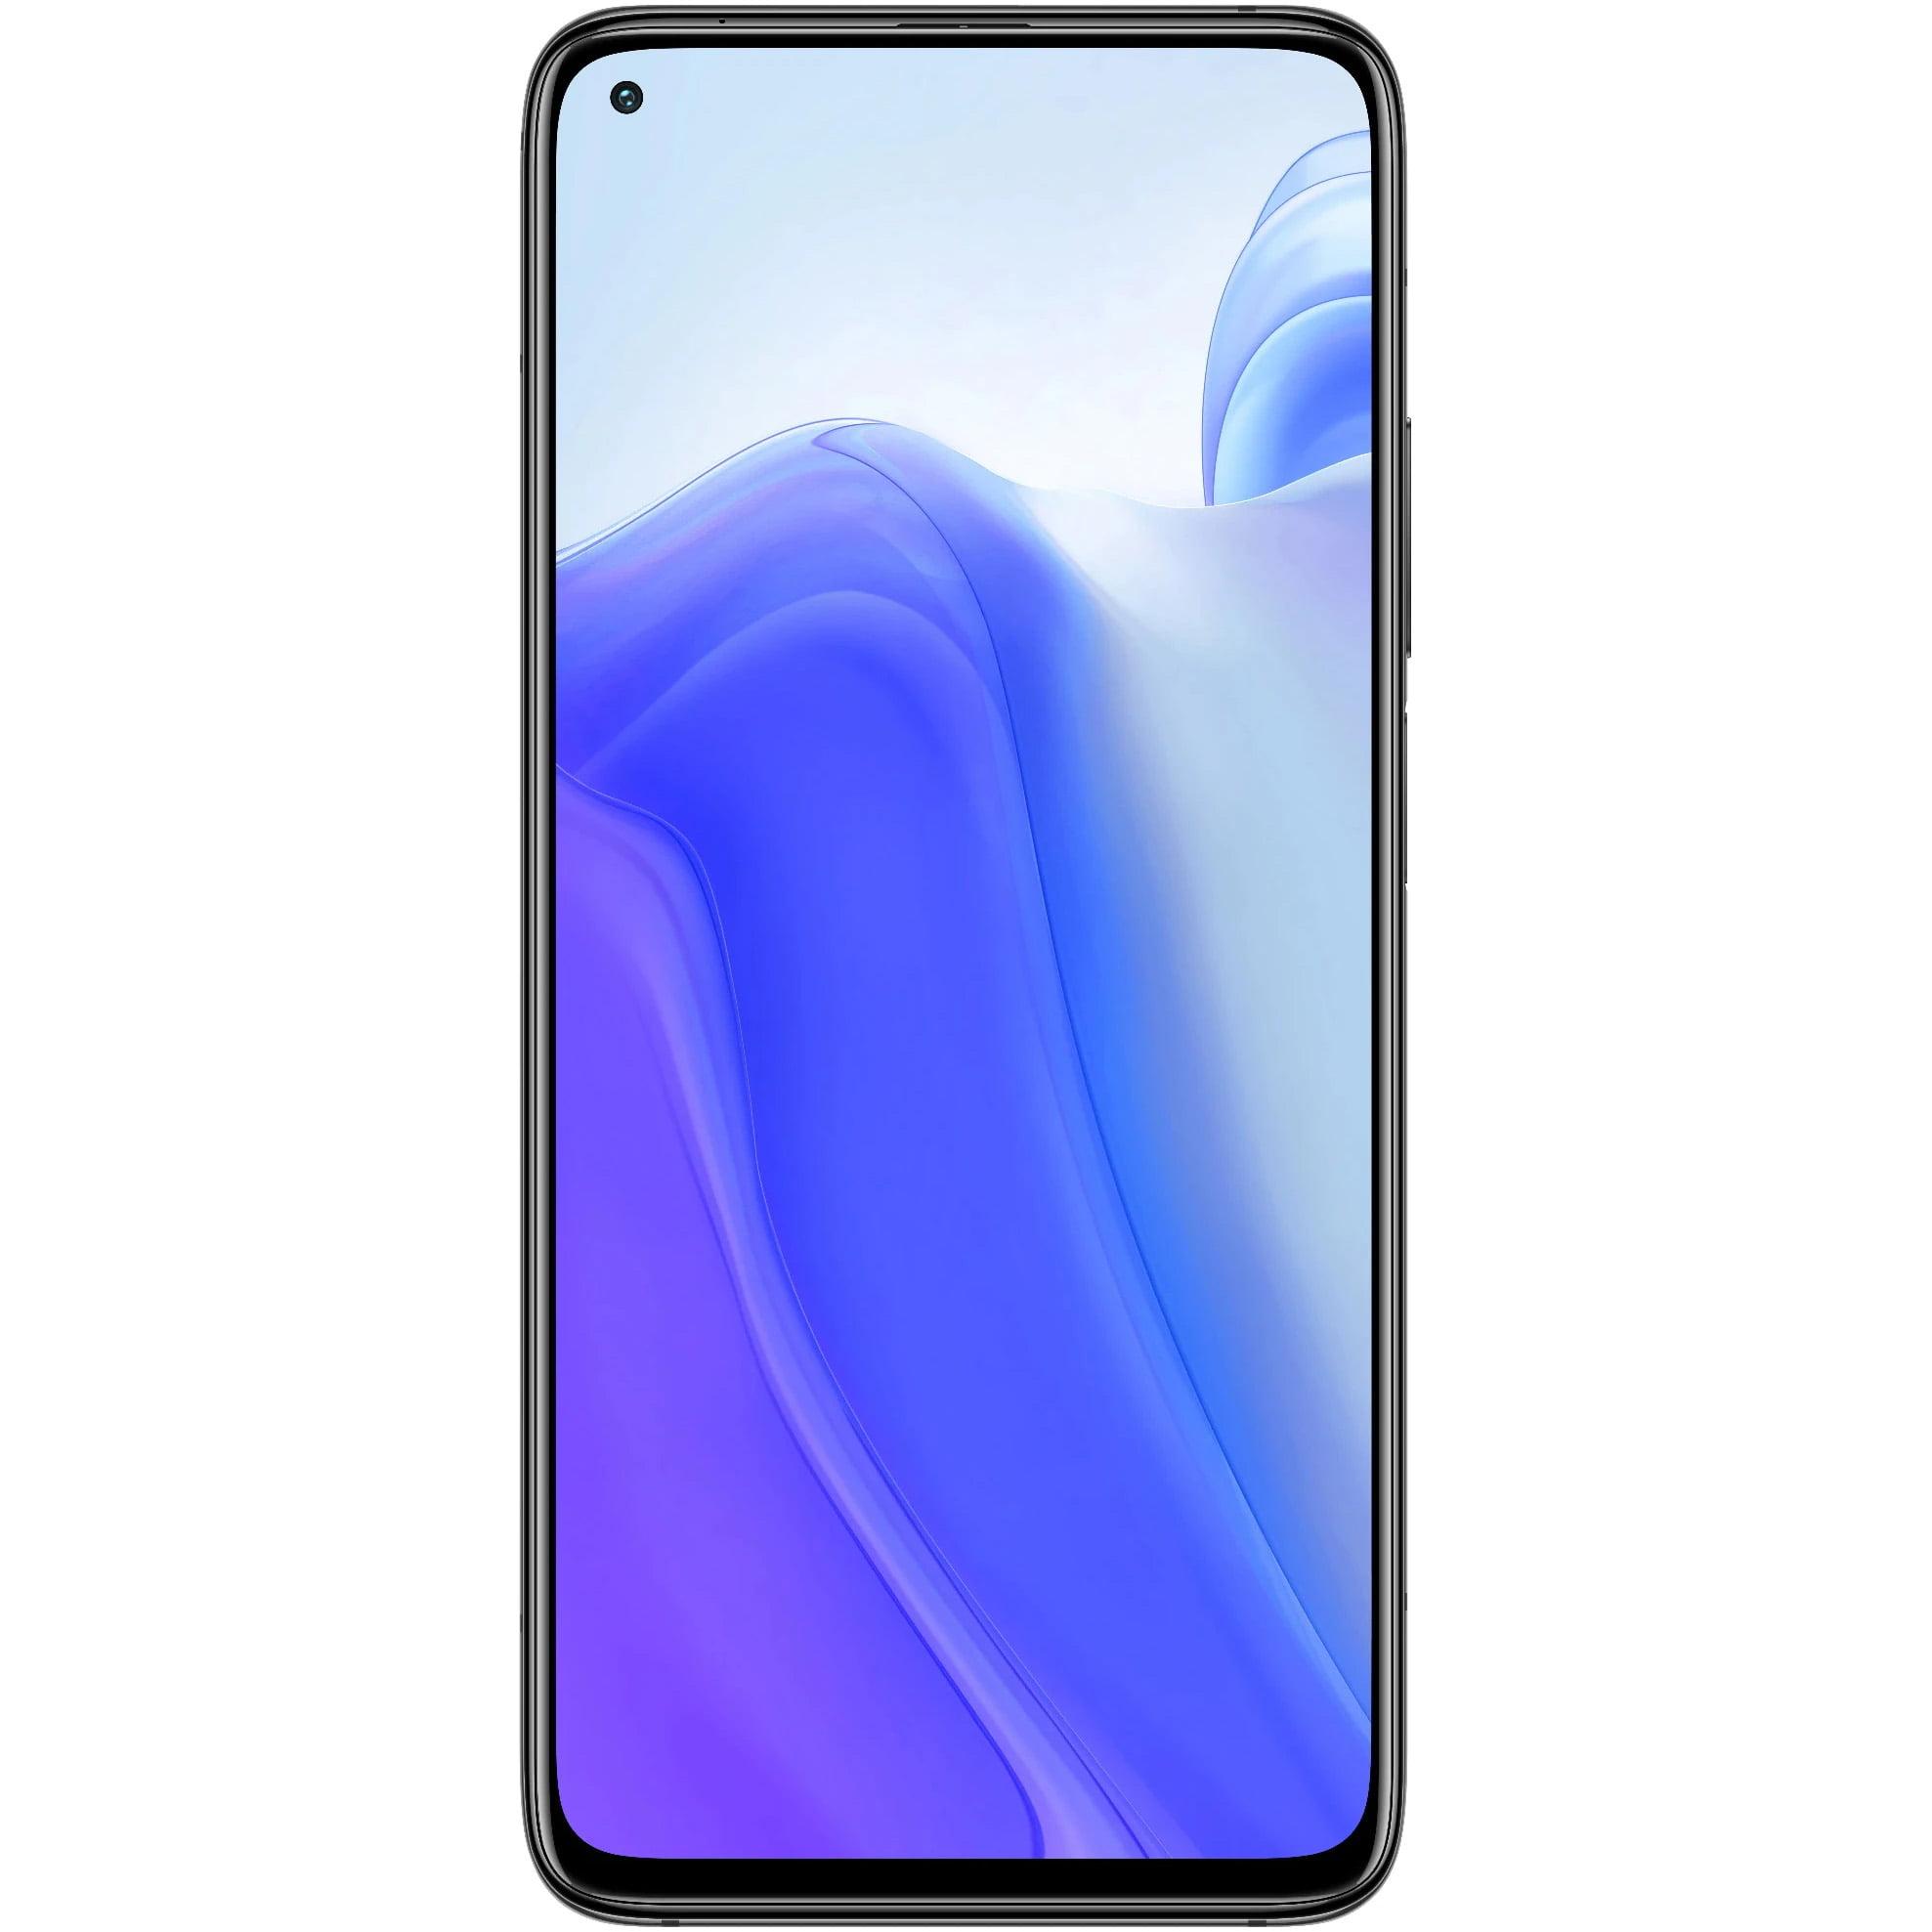 Telefon mobil Xiaomi Mi 10T, Dual SIM, 128GB, 6GB RAM, 5G, Cosmic Black